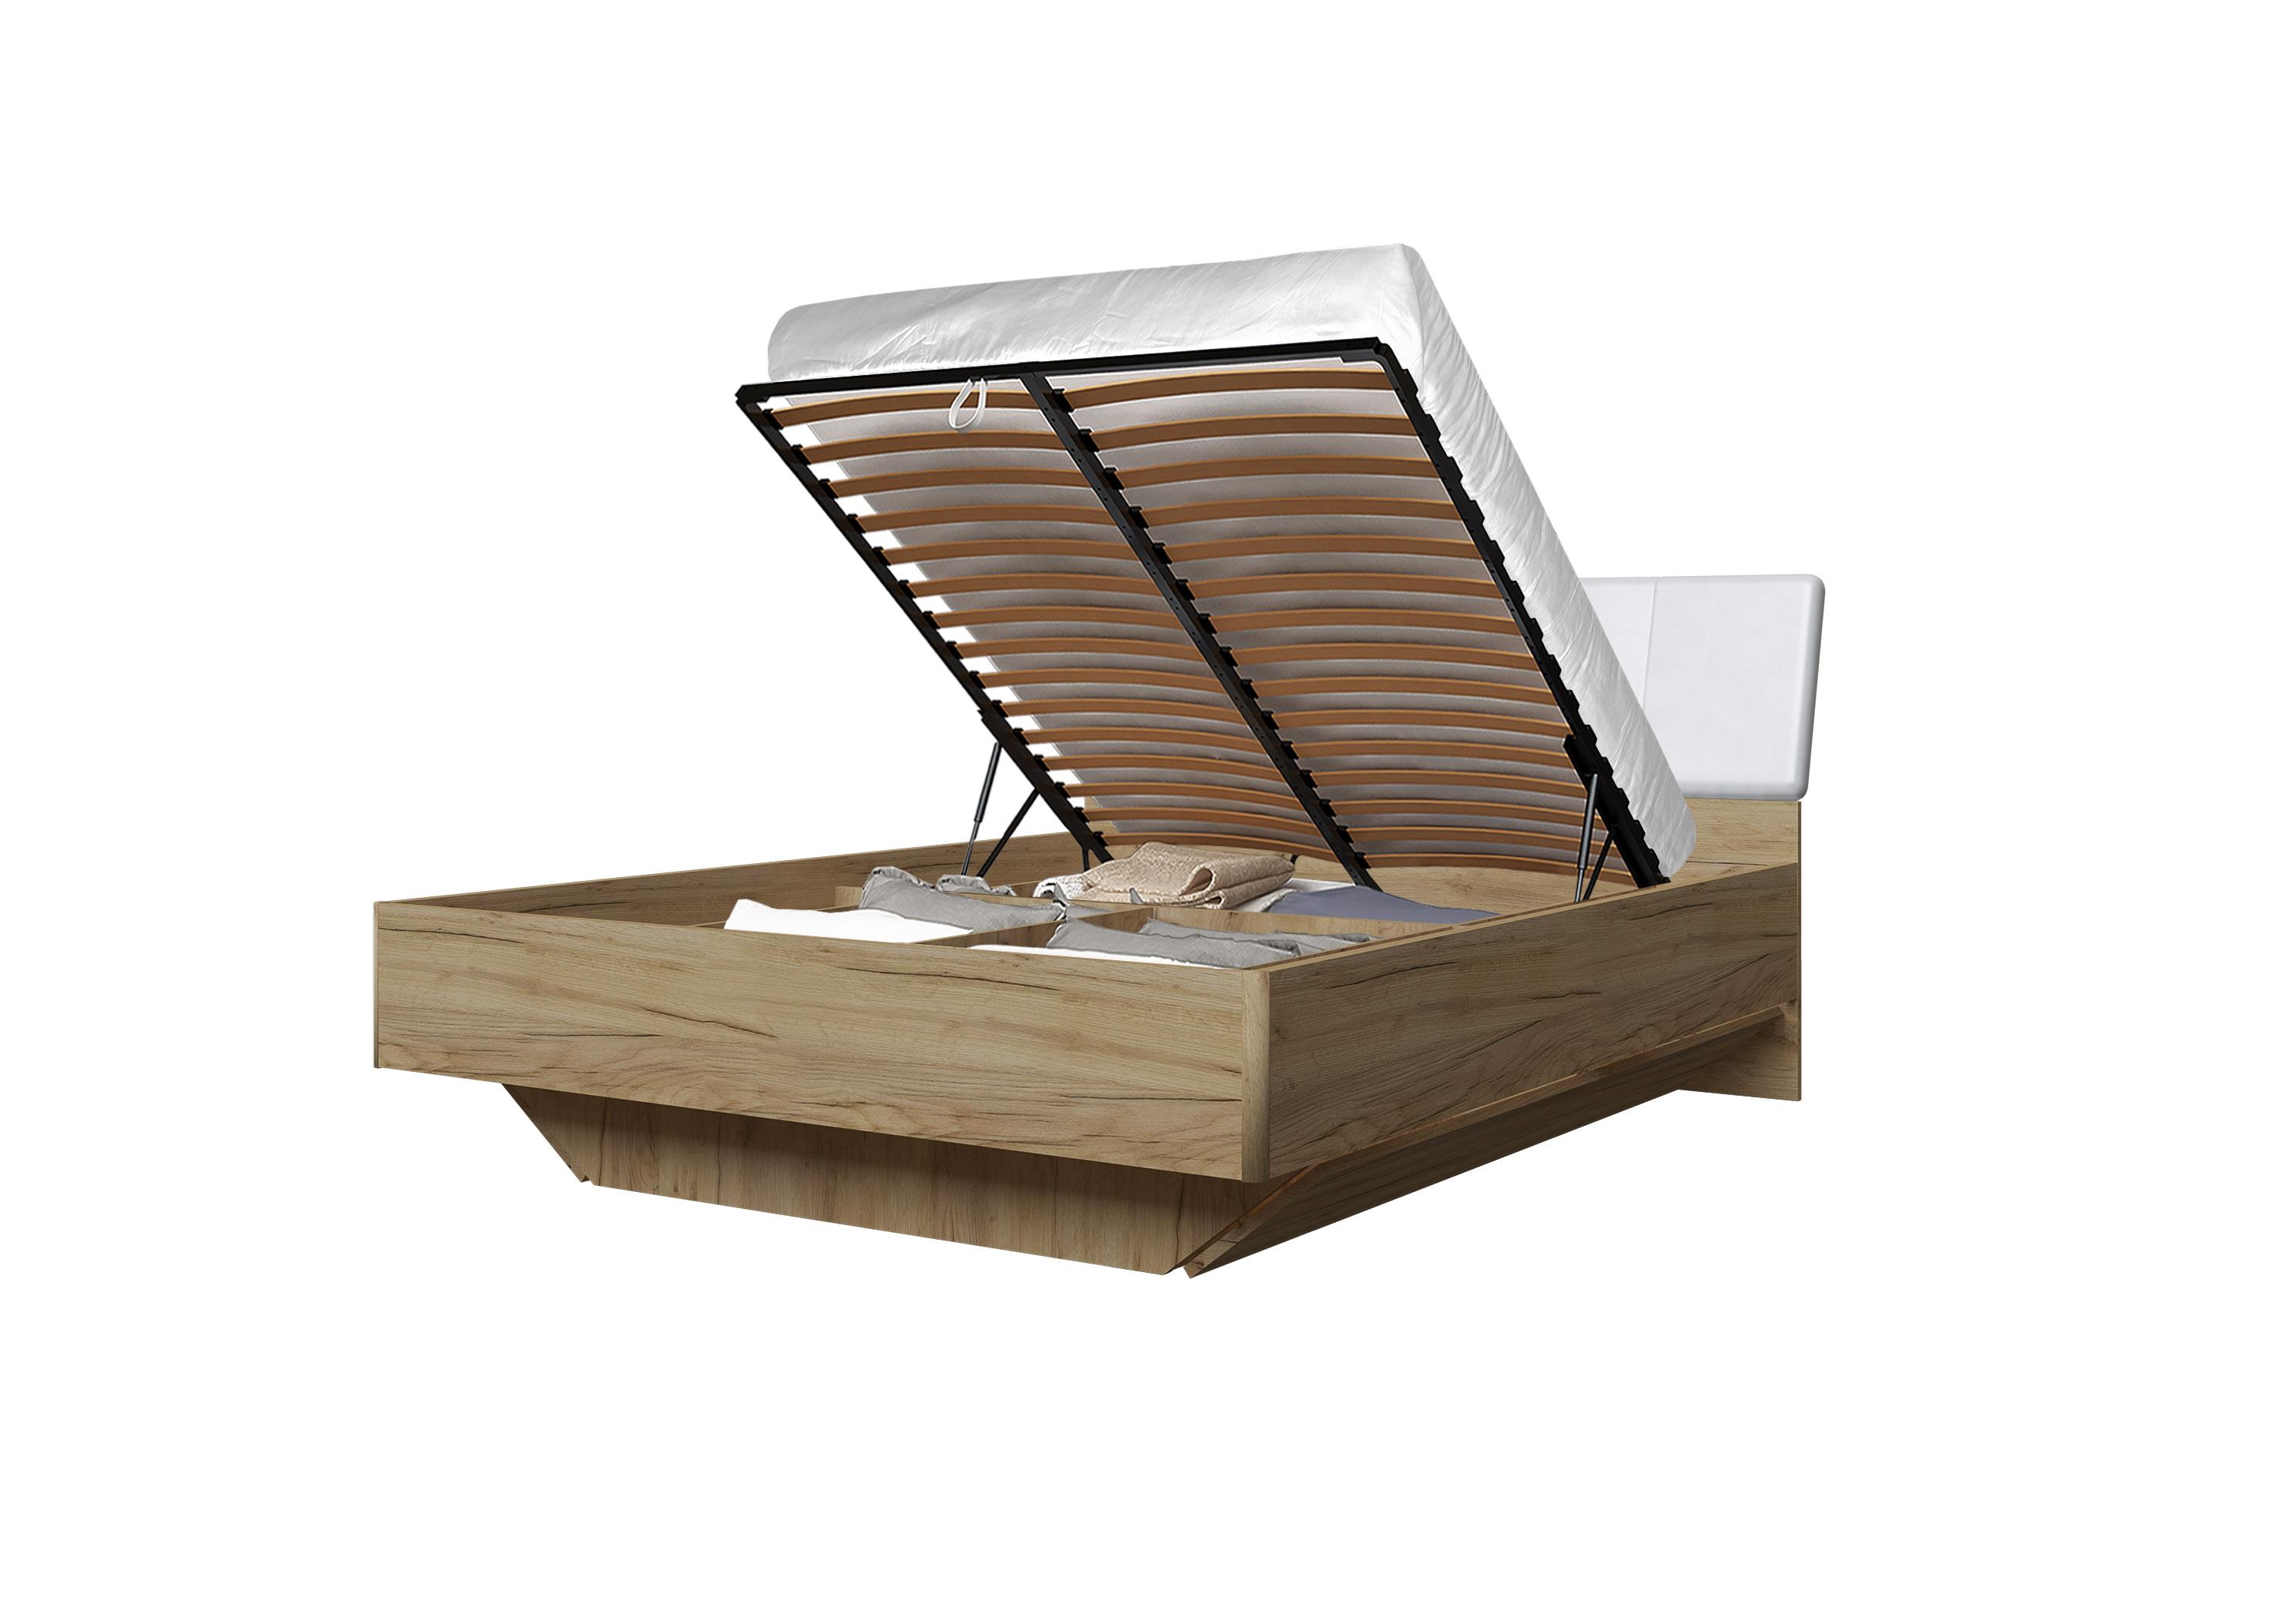 Doppelbett Toskana 160x200 in Eiche/Weiss inkl. Bettkasten